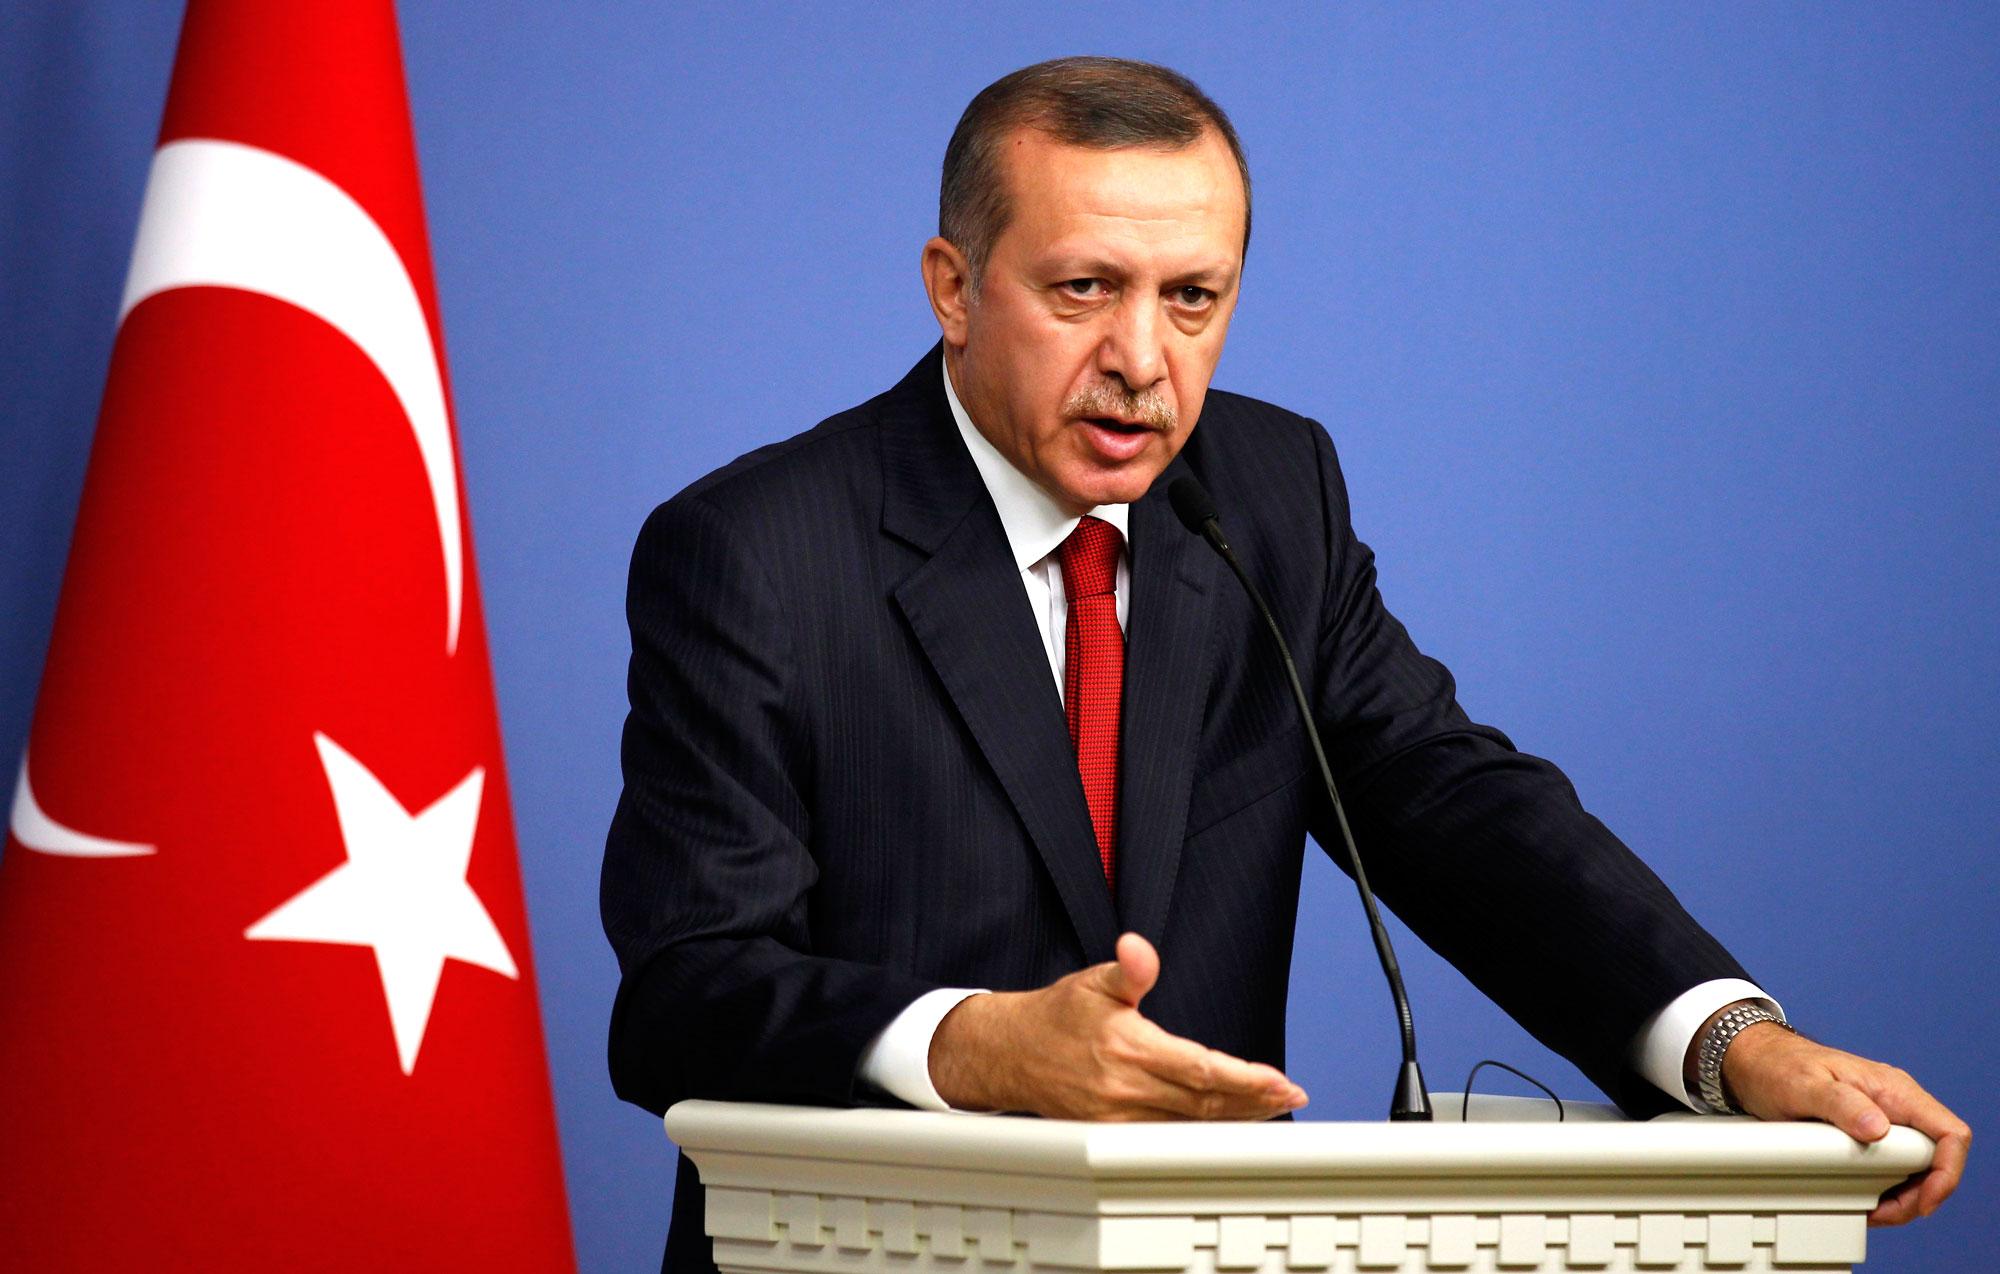 Νέες απειλές Erdogan, στο στόχαστρο Κύπρος και ΕΕ